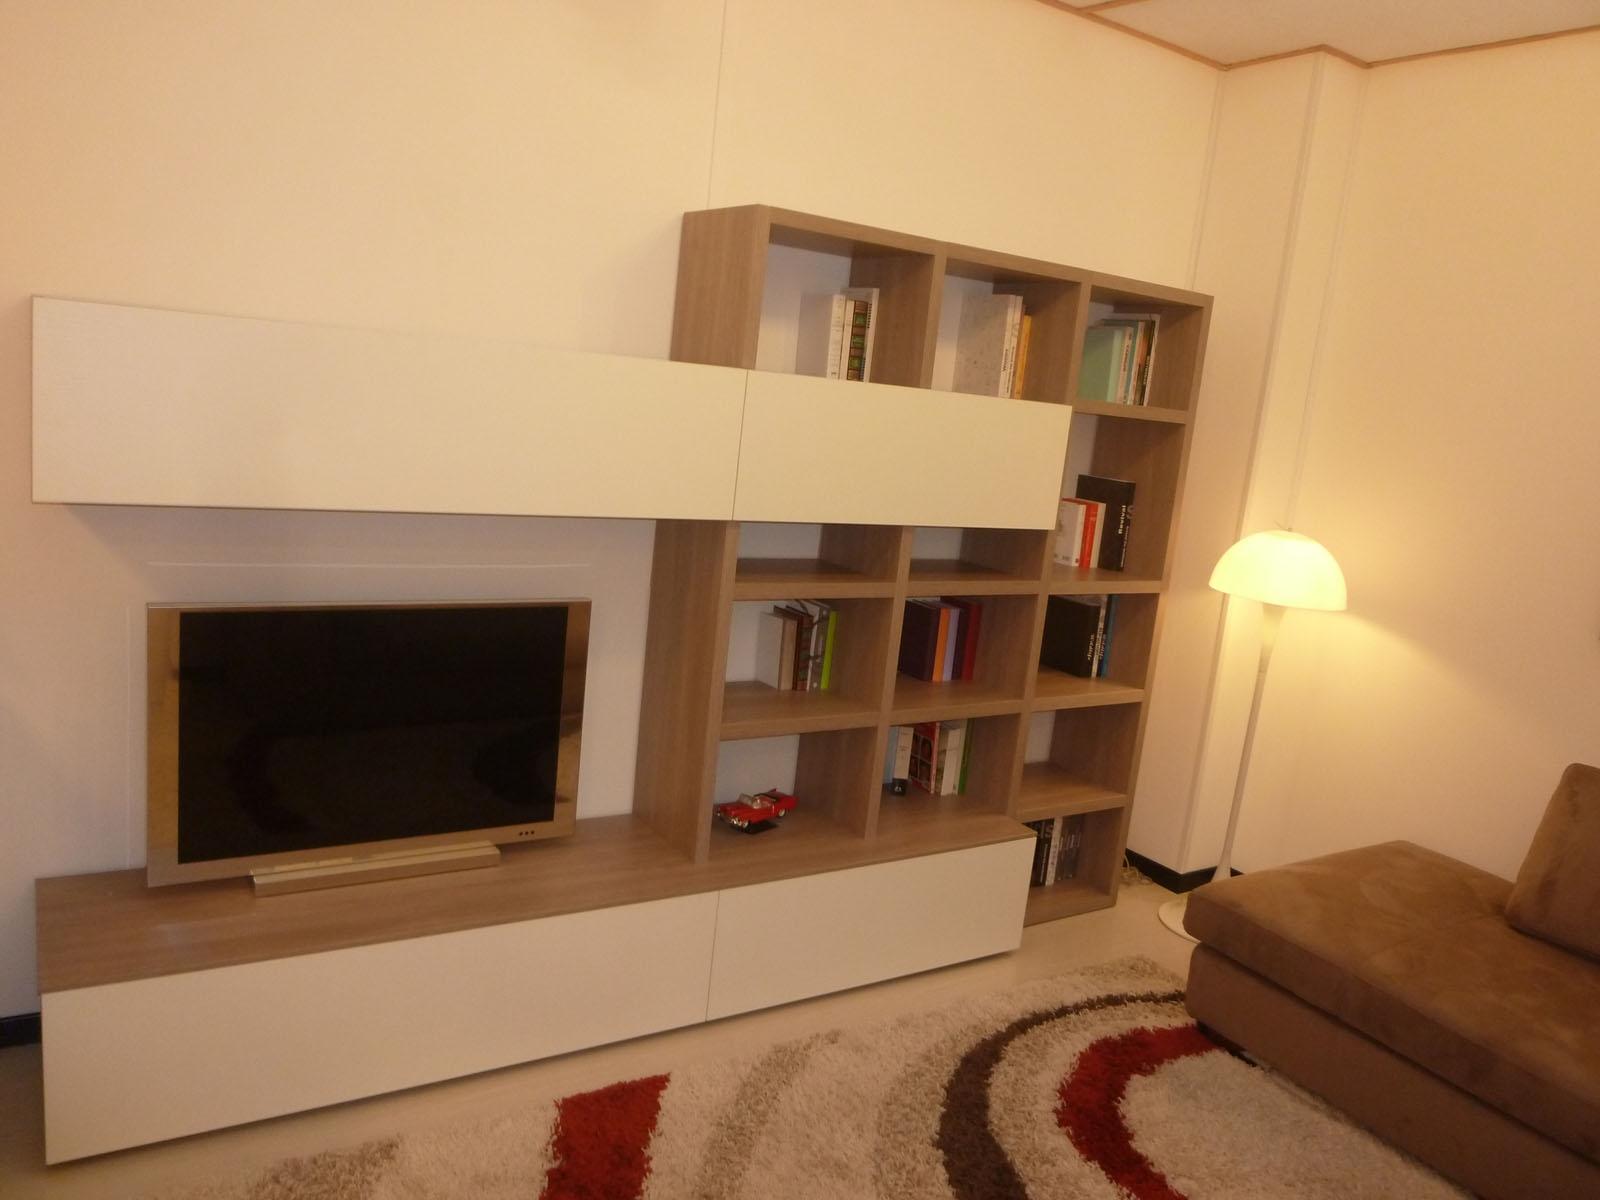 Soggiorno maronese seta pareti attrezzate soggiorni a for Pareti attrezzate soggiorno